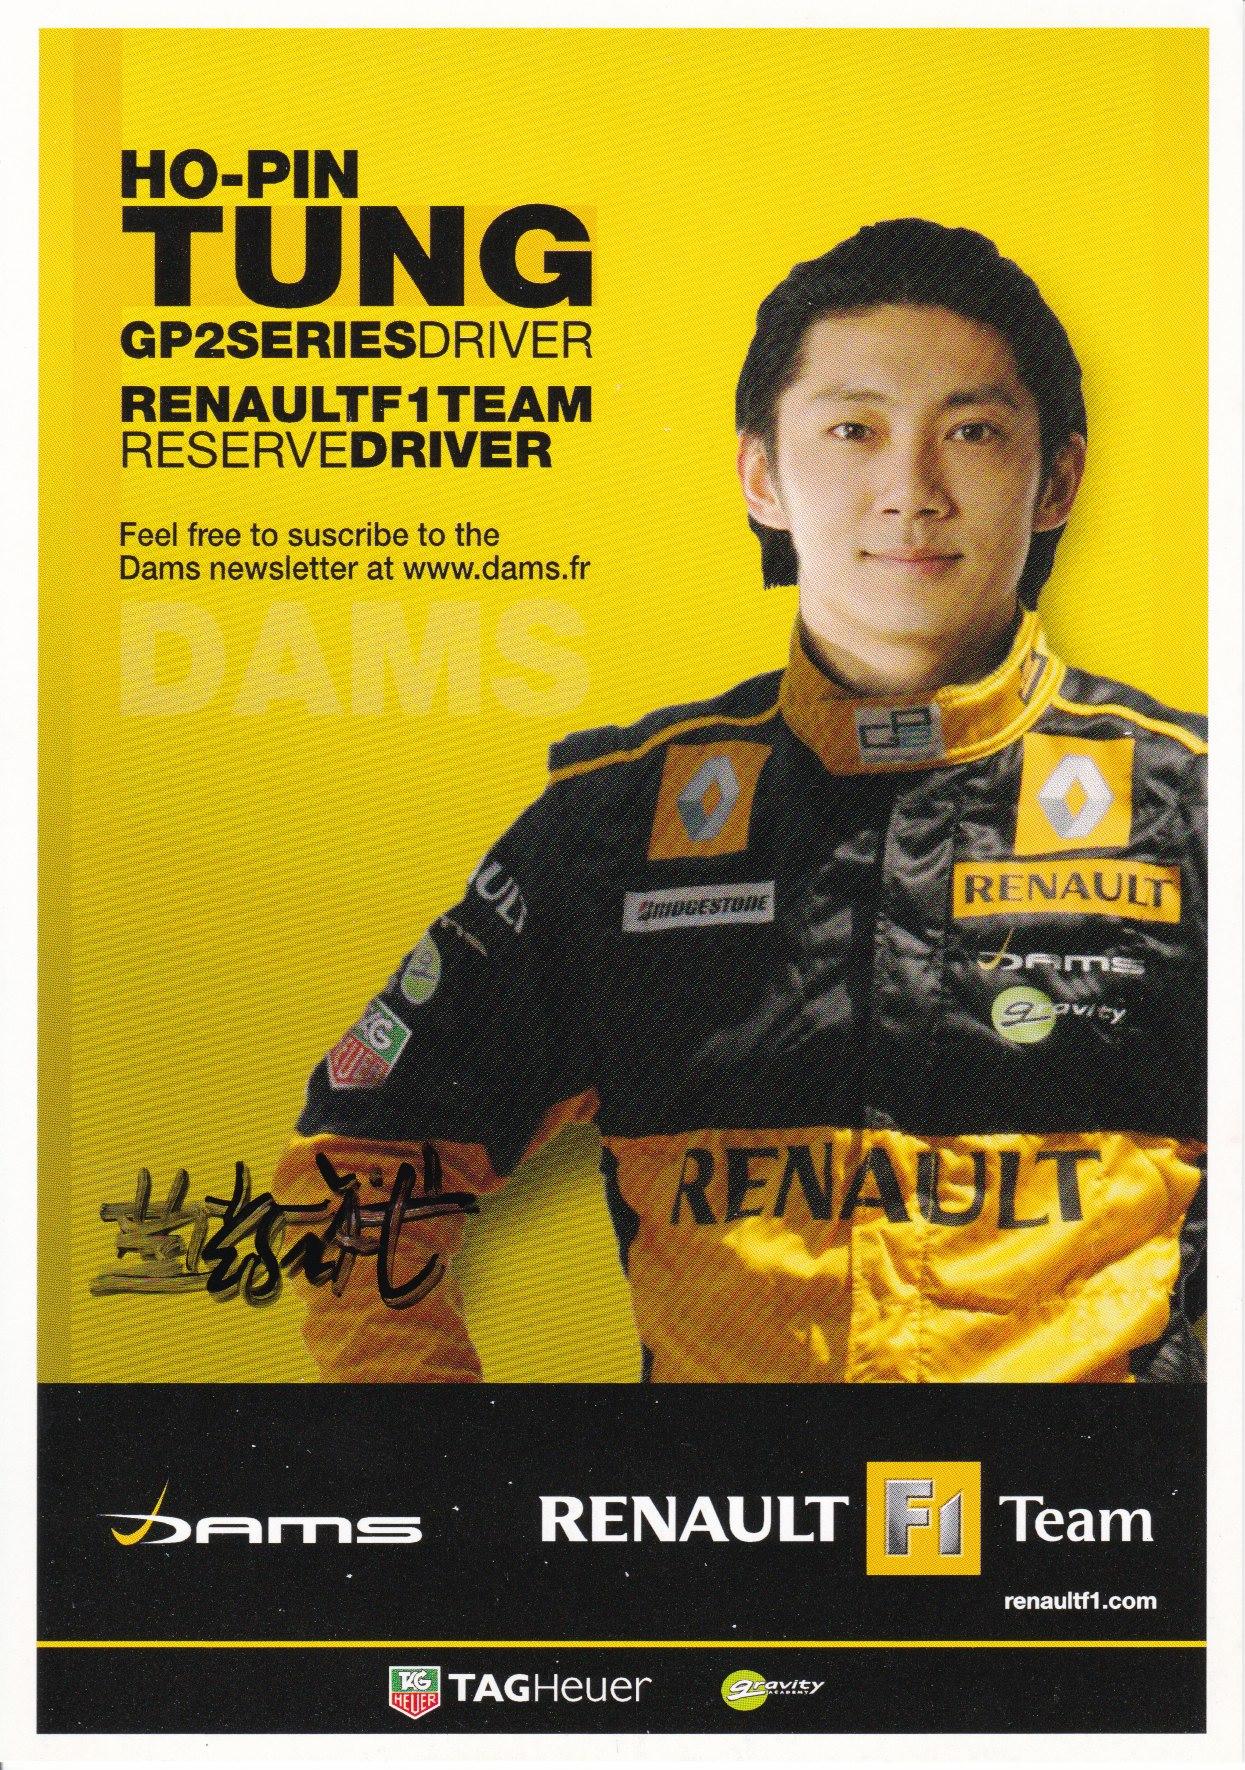 Ho-Pin Tung Renault Kaart